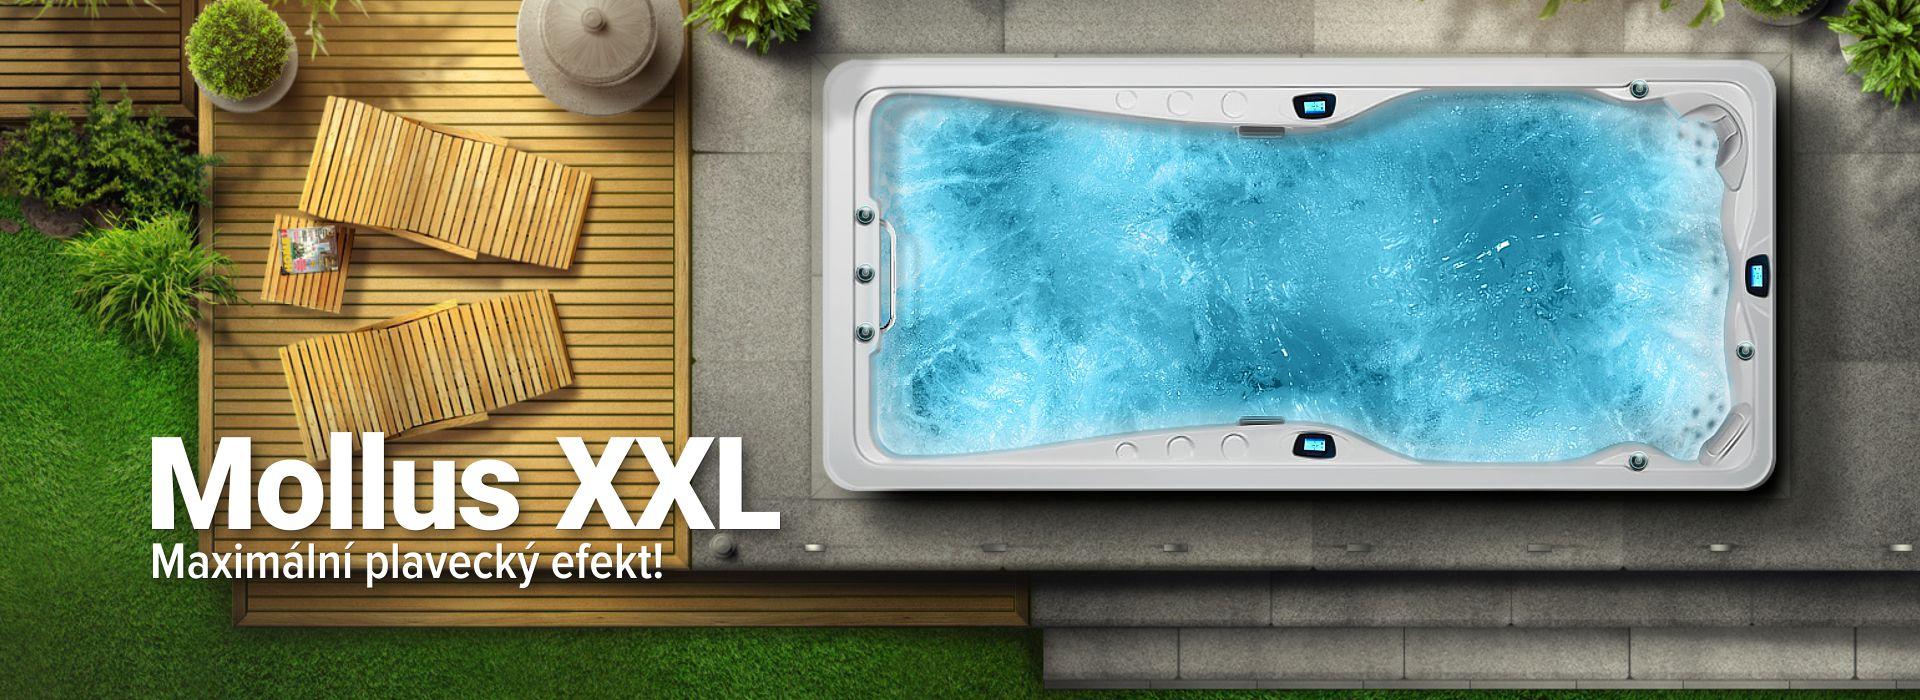 Venkovní vířivky Spa Studio: Mollus XXL - luxusní plavecké swim spa, novinka